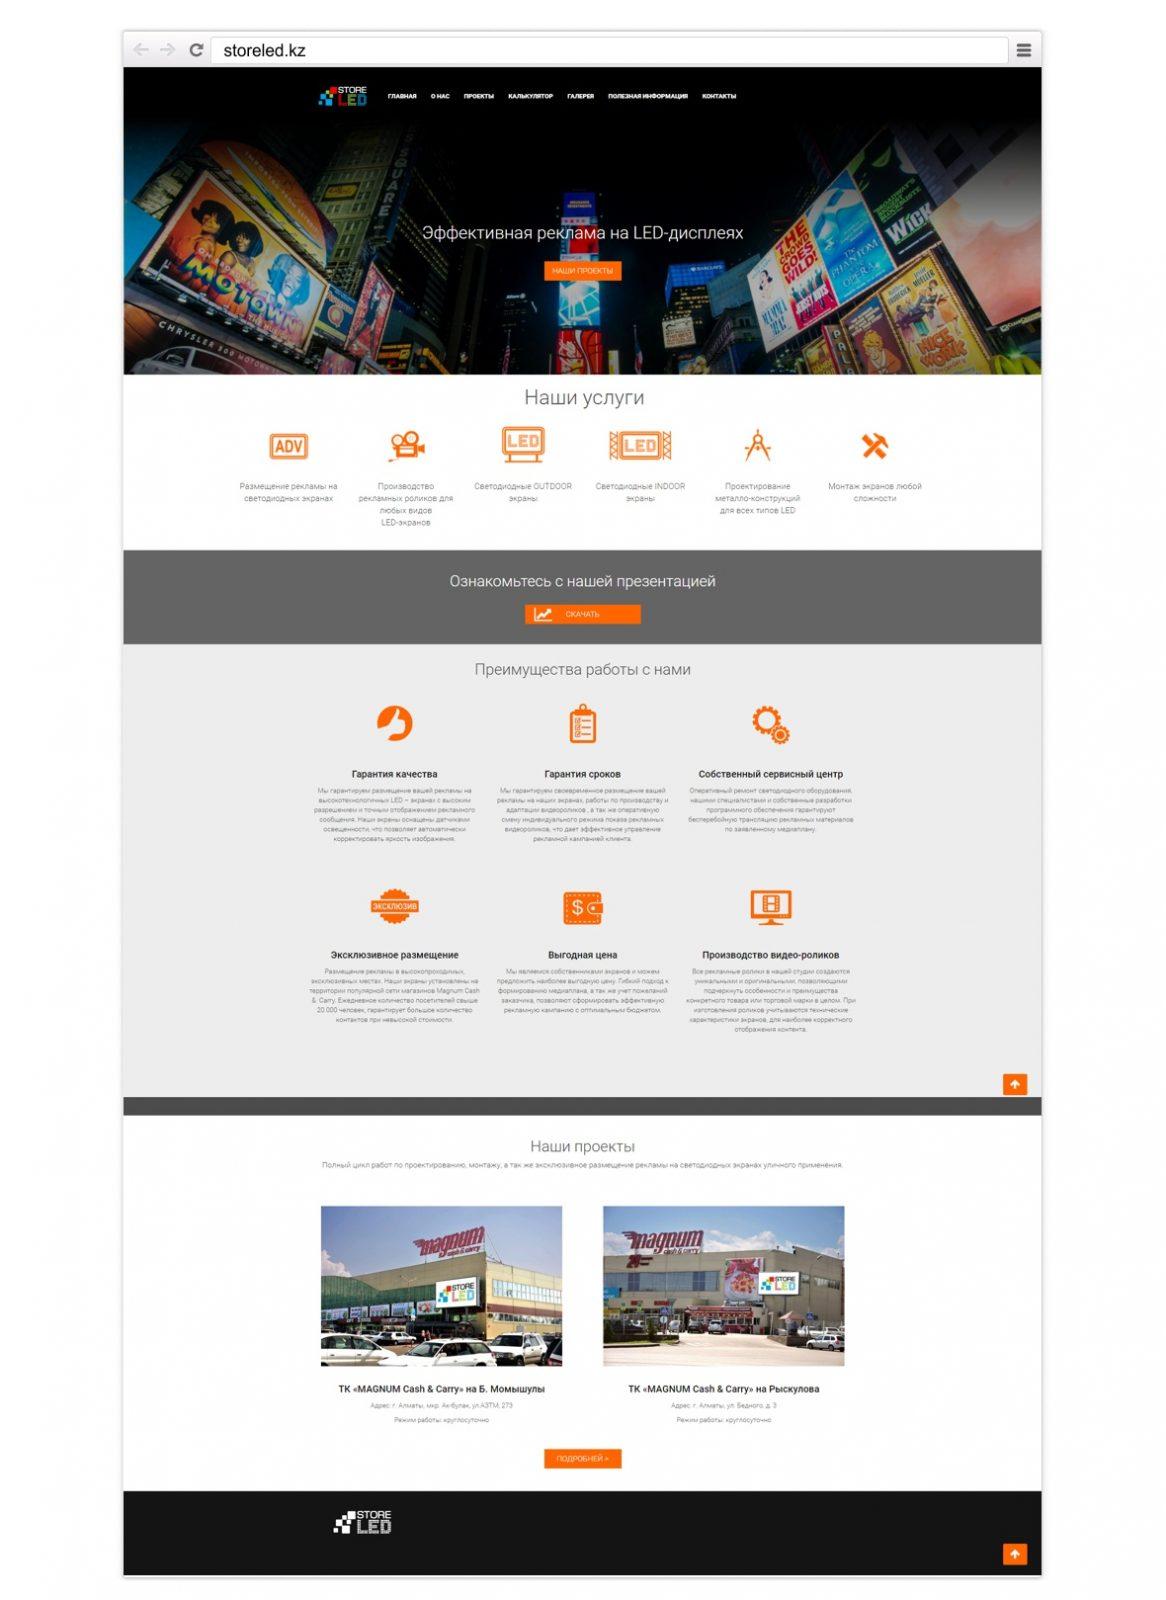 Разработка сайта для StoreLED Алматы, Казахстан